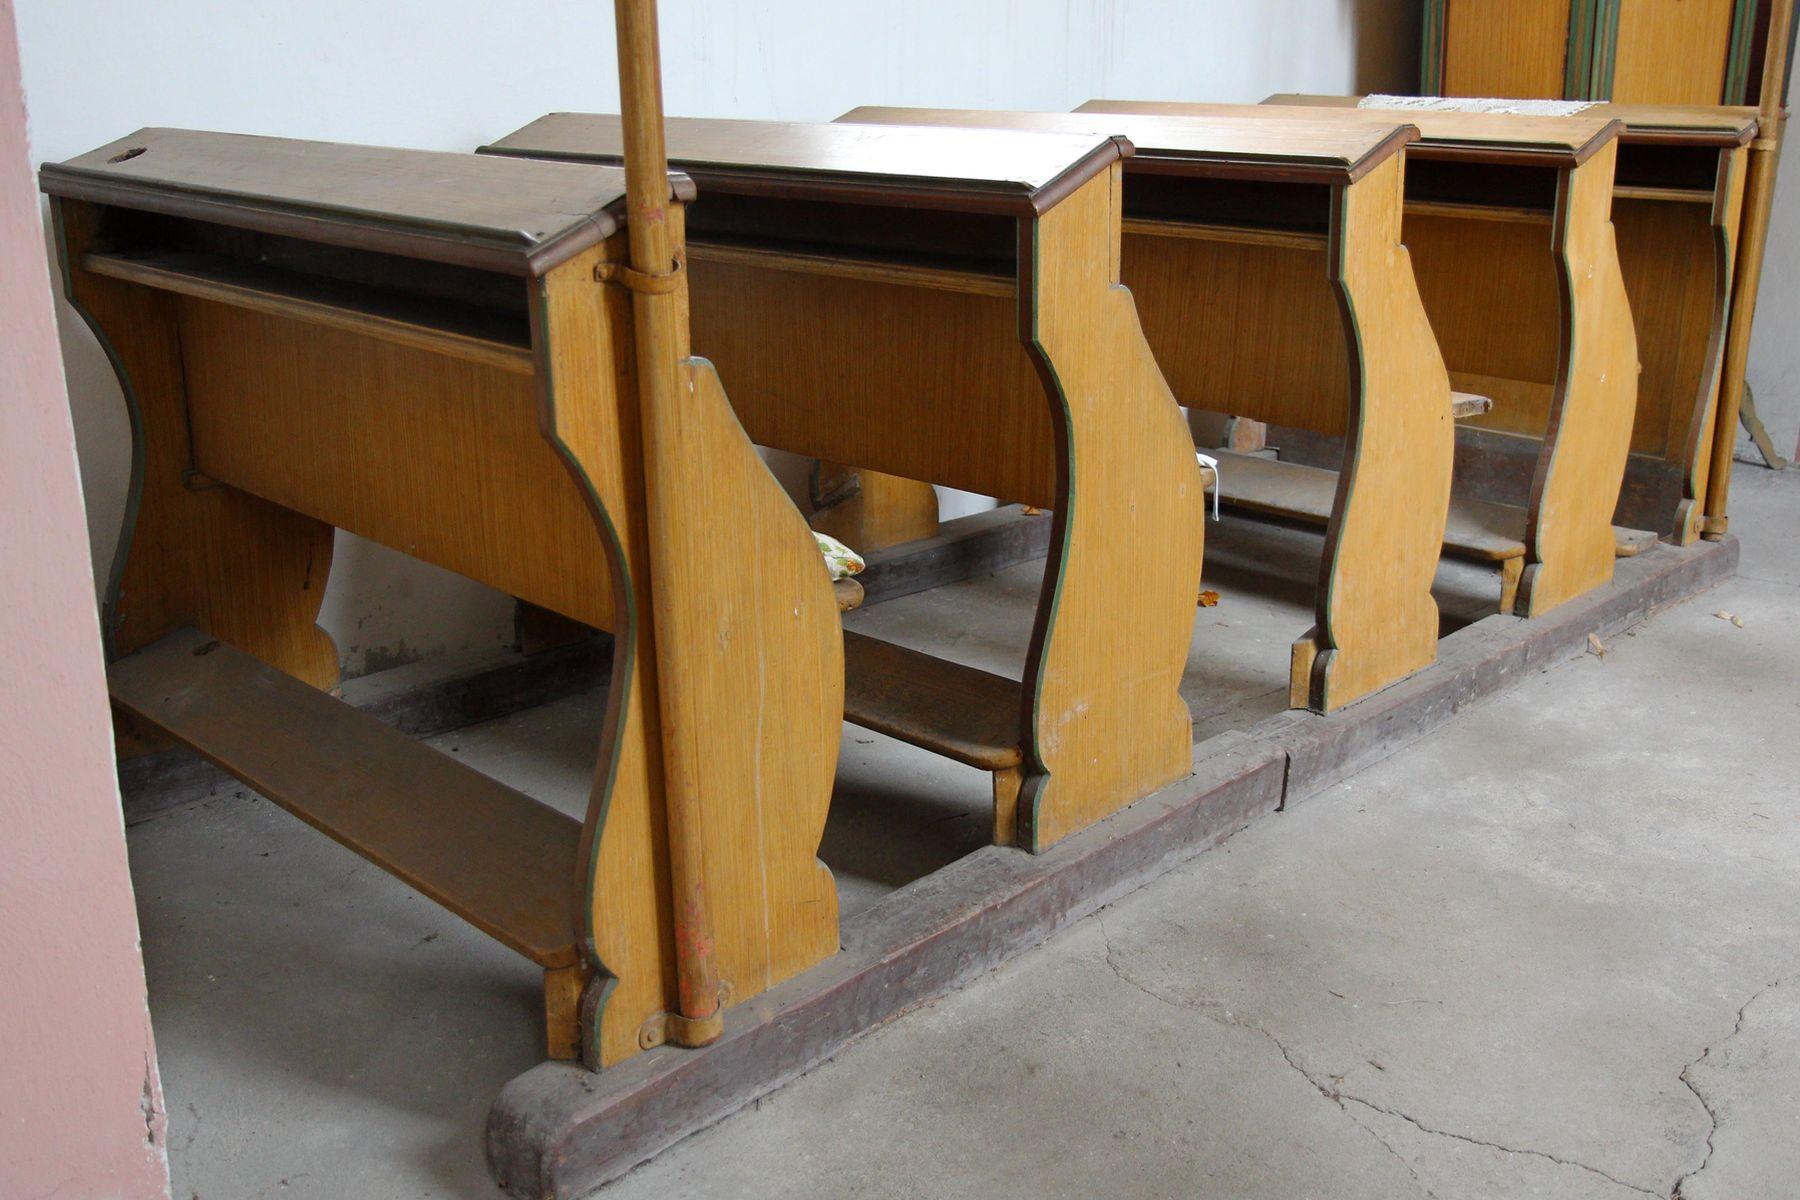 Restaurovali jsme kostelní lavice v kostele sv. Prokopa v Otvovicích - Restaurování kostelní lavice před restaurováním 01